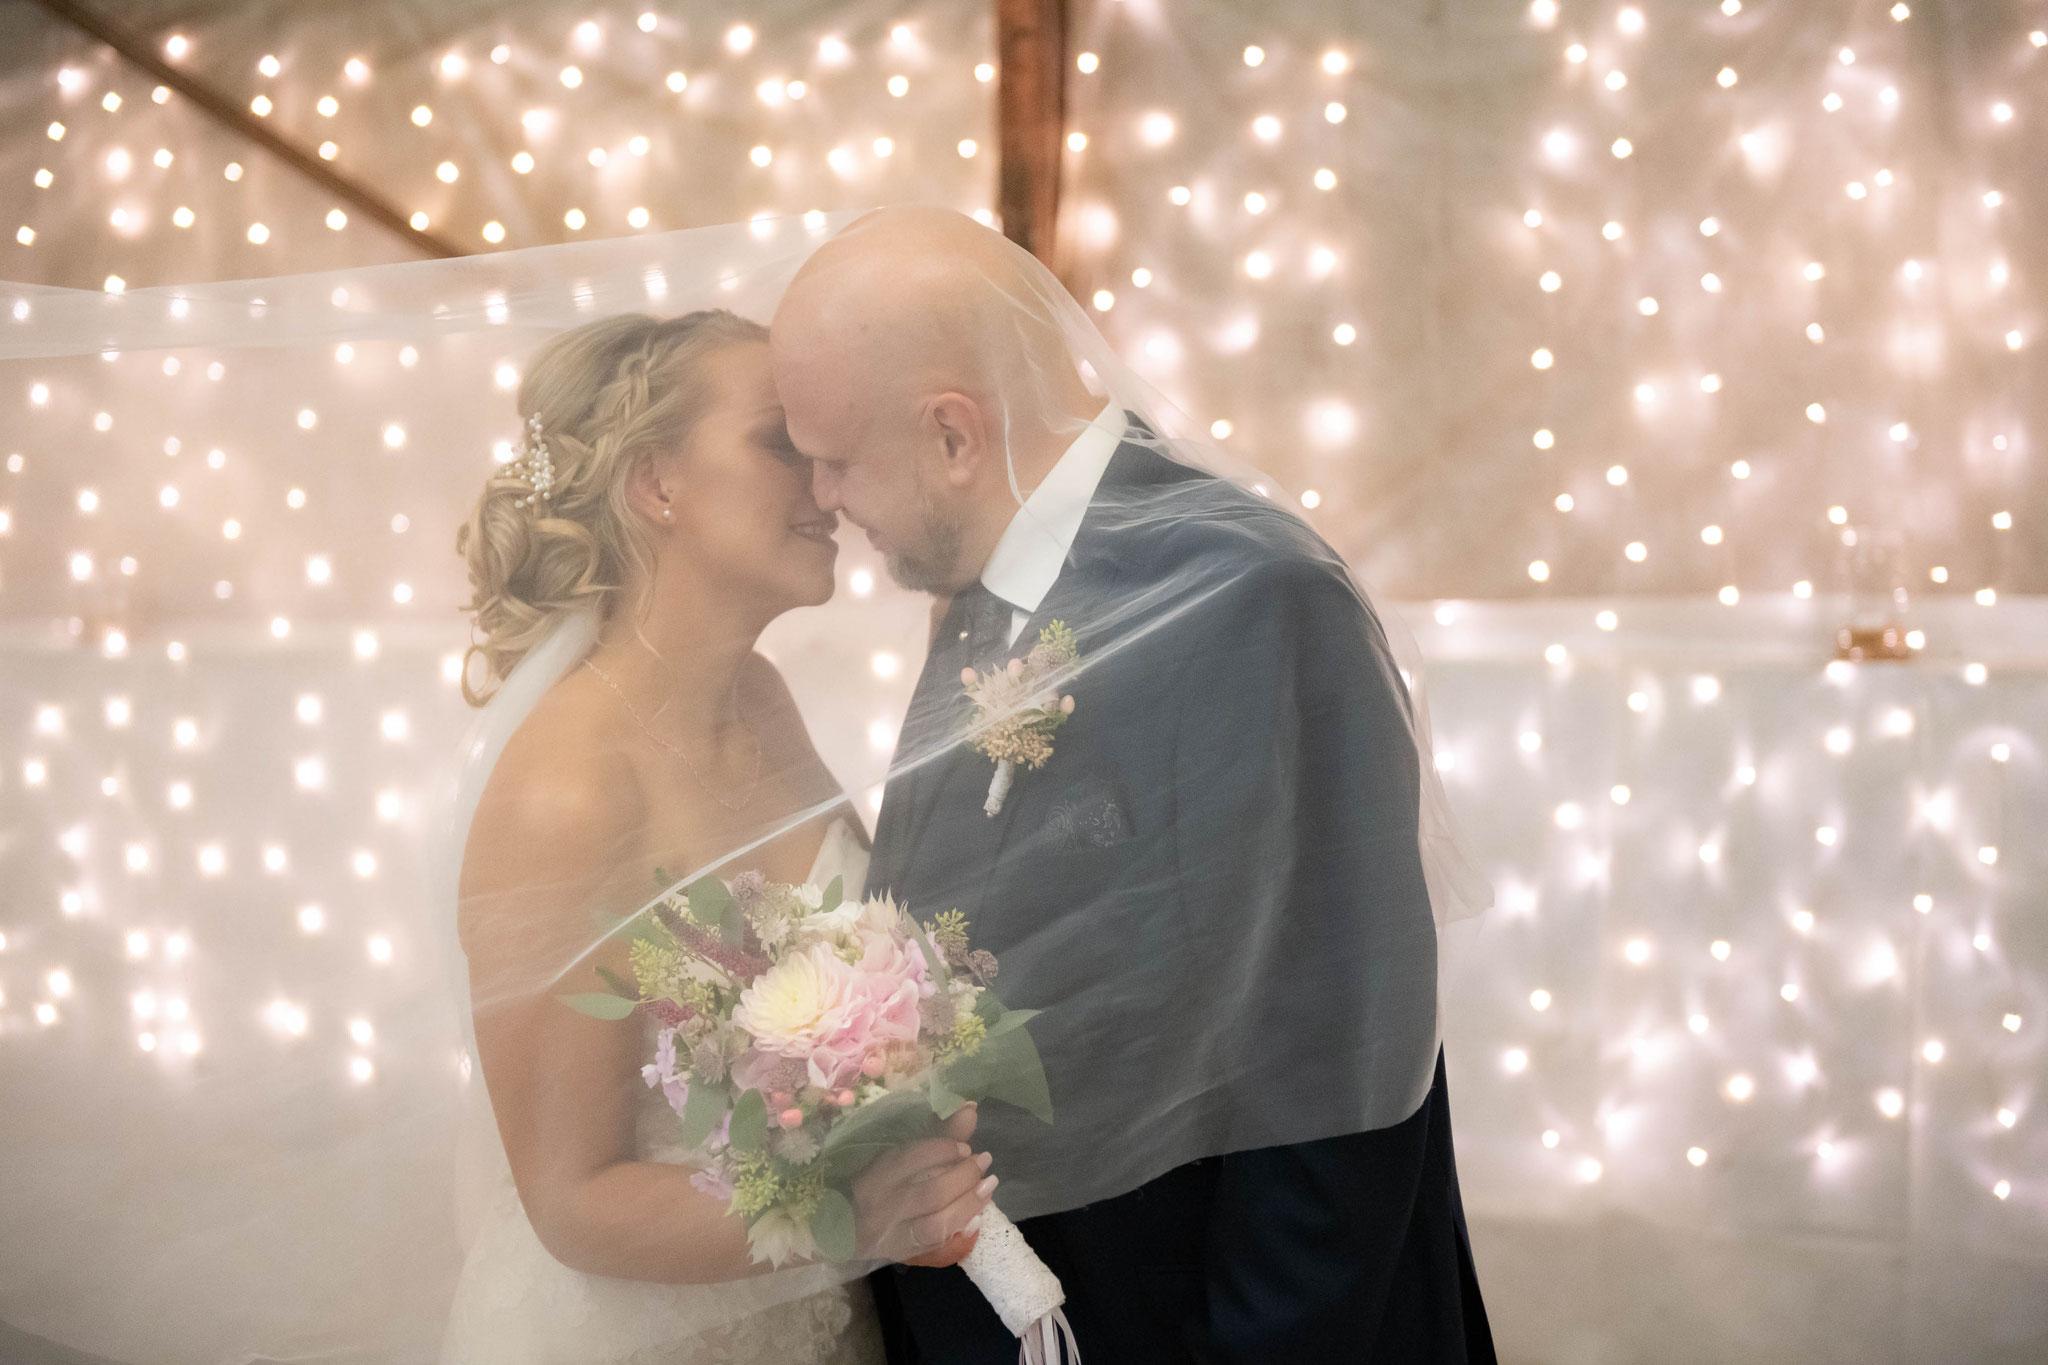 Brautpaar Küsse unter dem Schleier